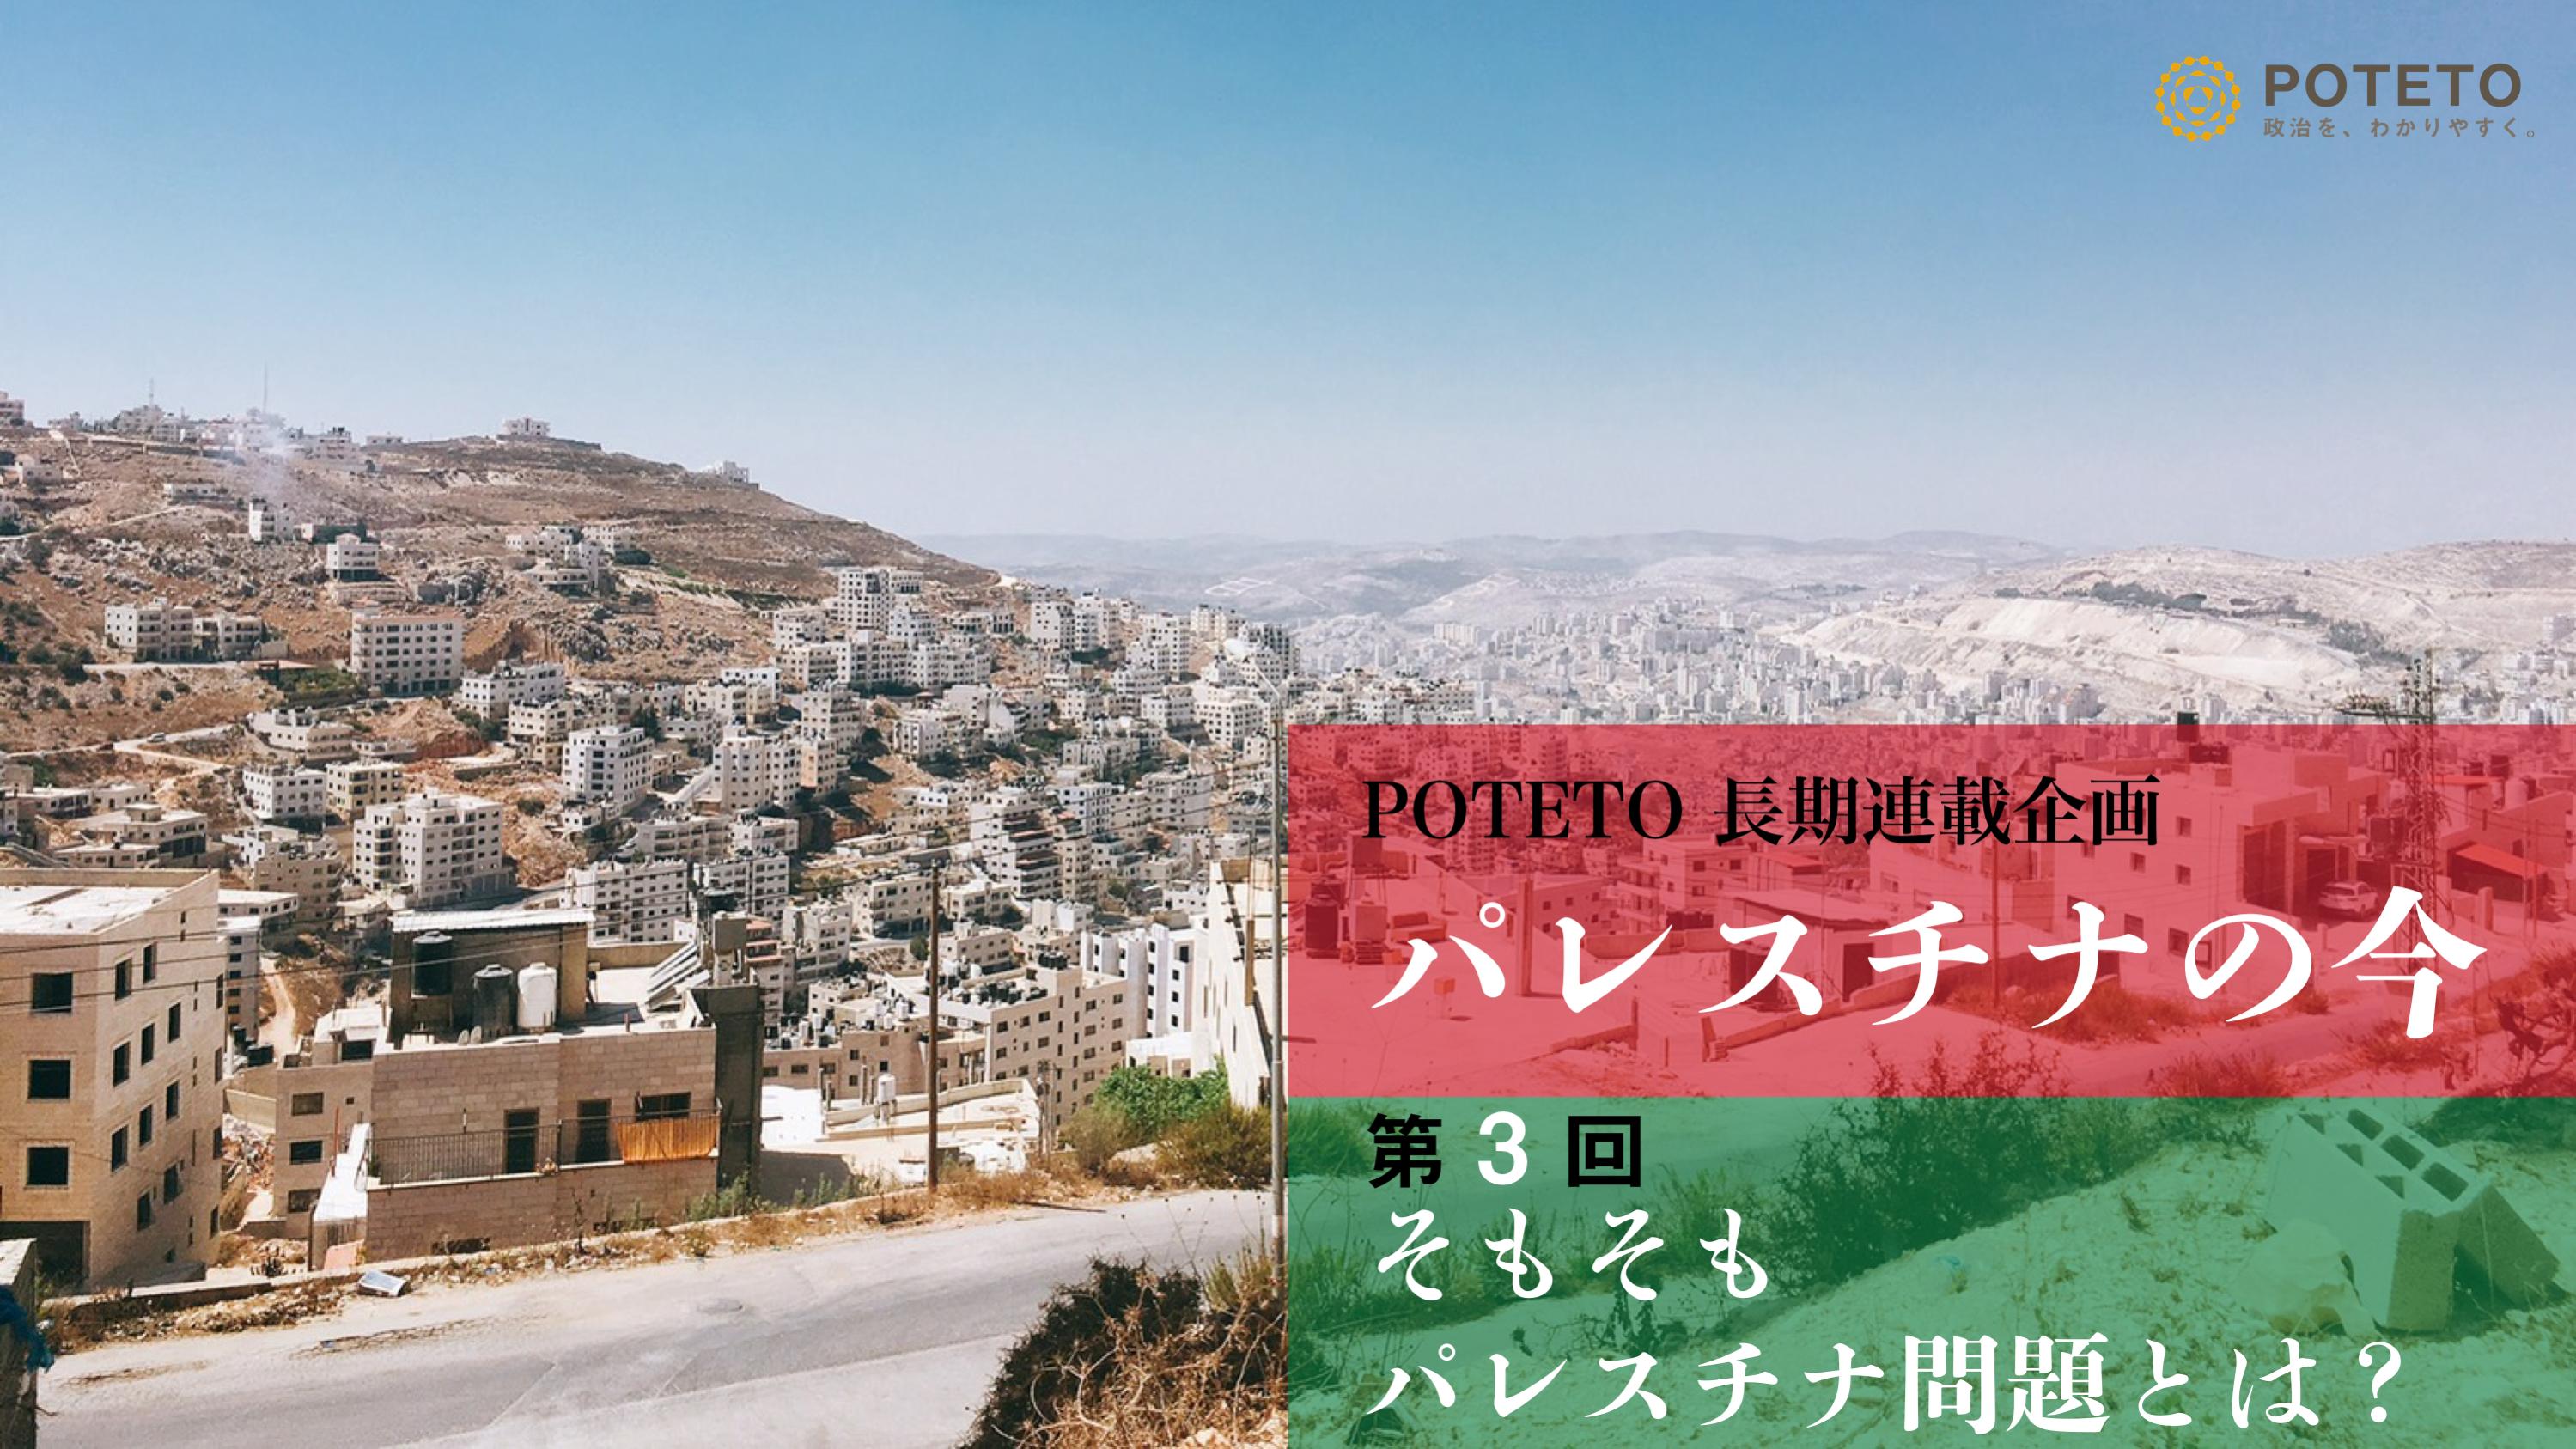 2b43b739de51a1a1198db54a690f1ebd - そもそも、イスラエル・パレスチナ問題とは【長期連載〜パレスチナの今〜第3回】